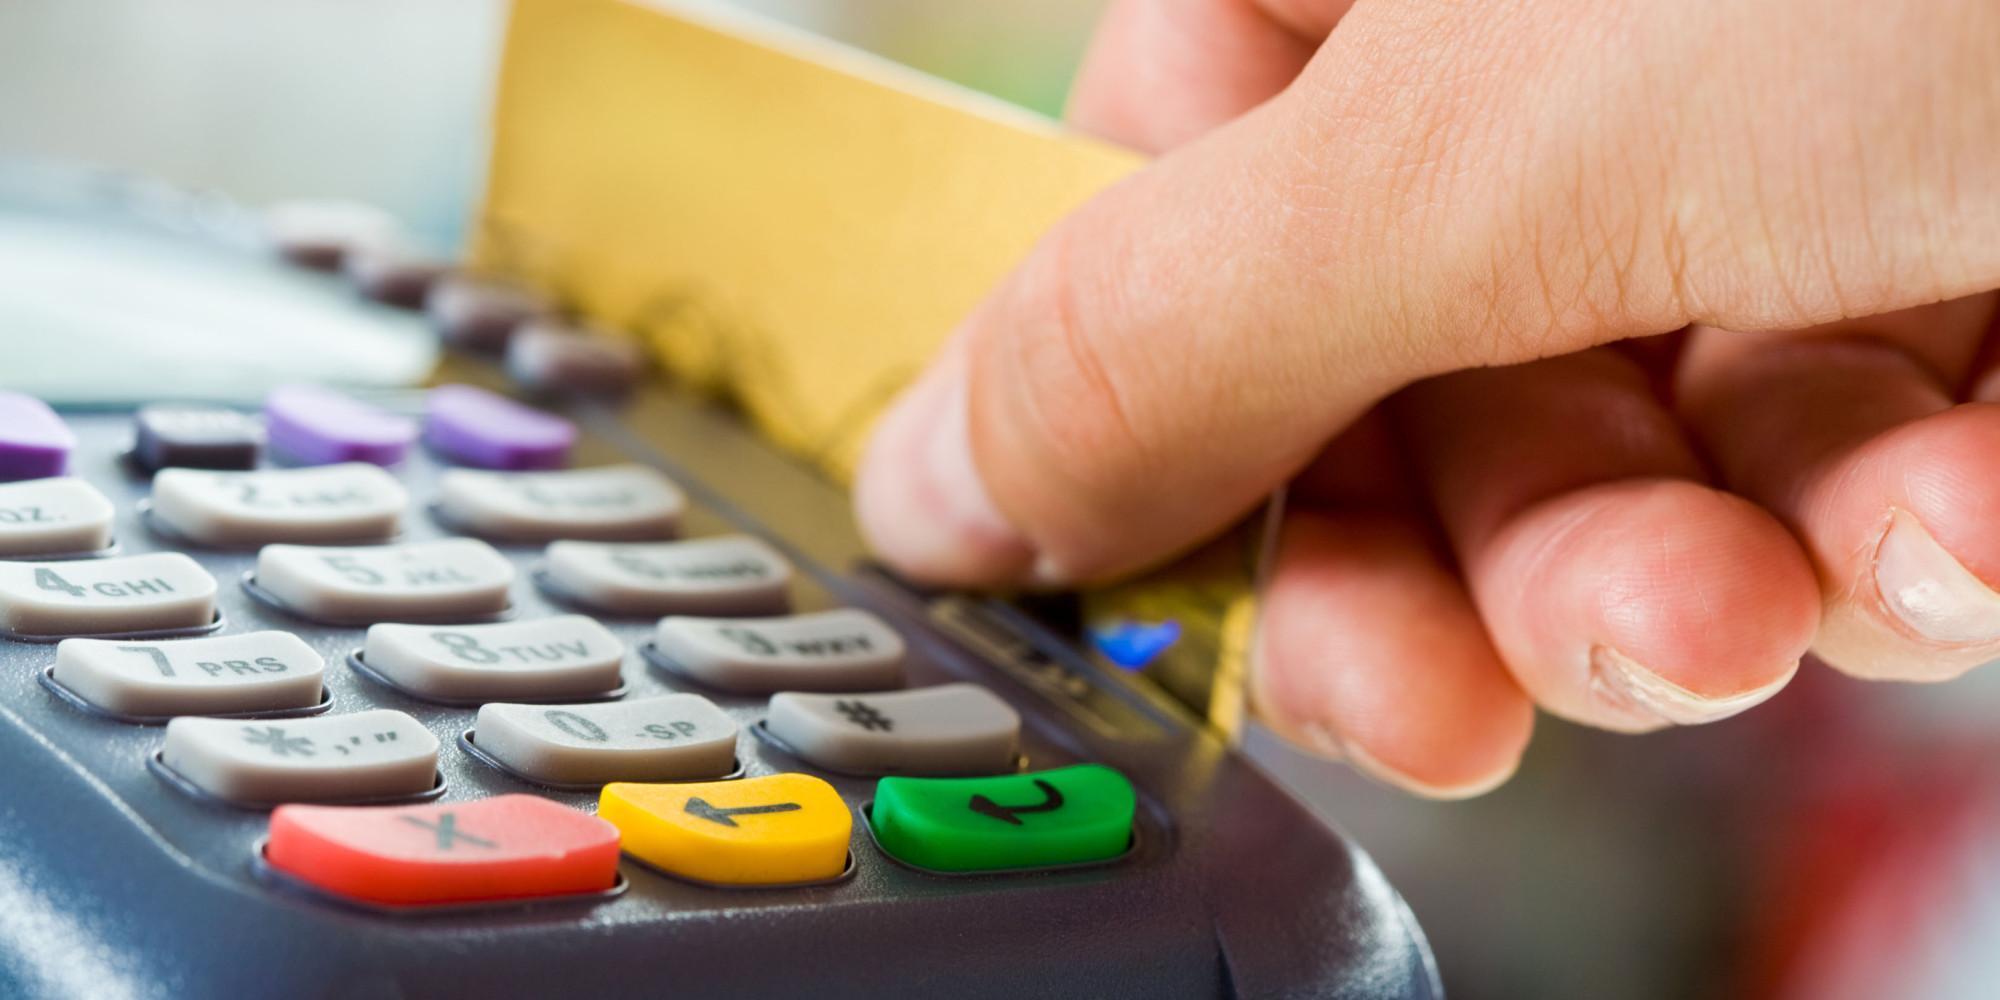 Monétique : Les paiements avec les cartes bancaires marocaines explosent